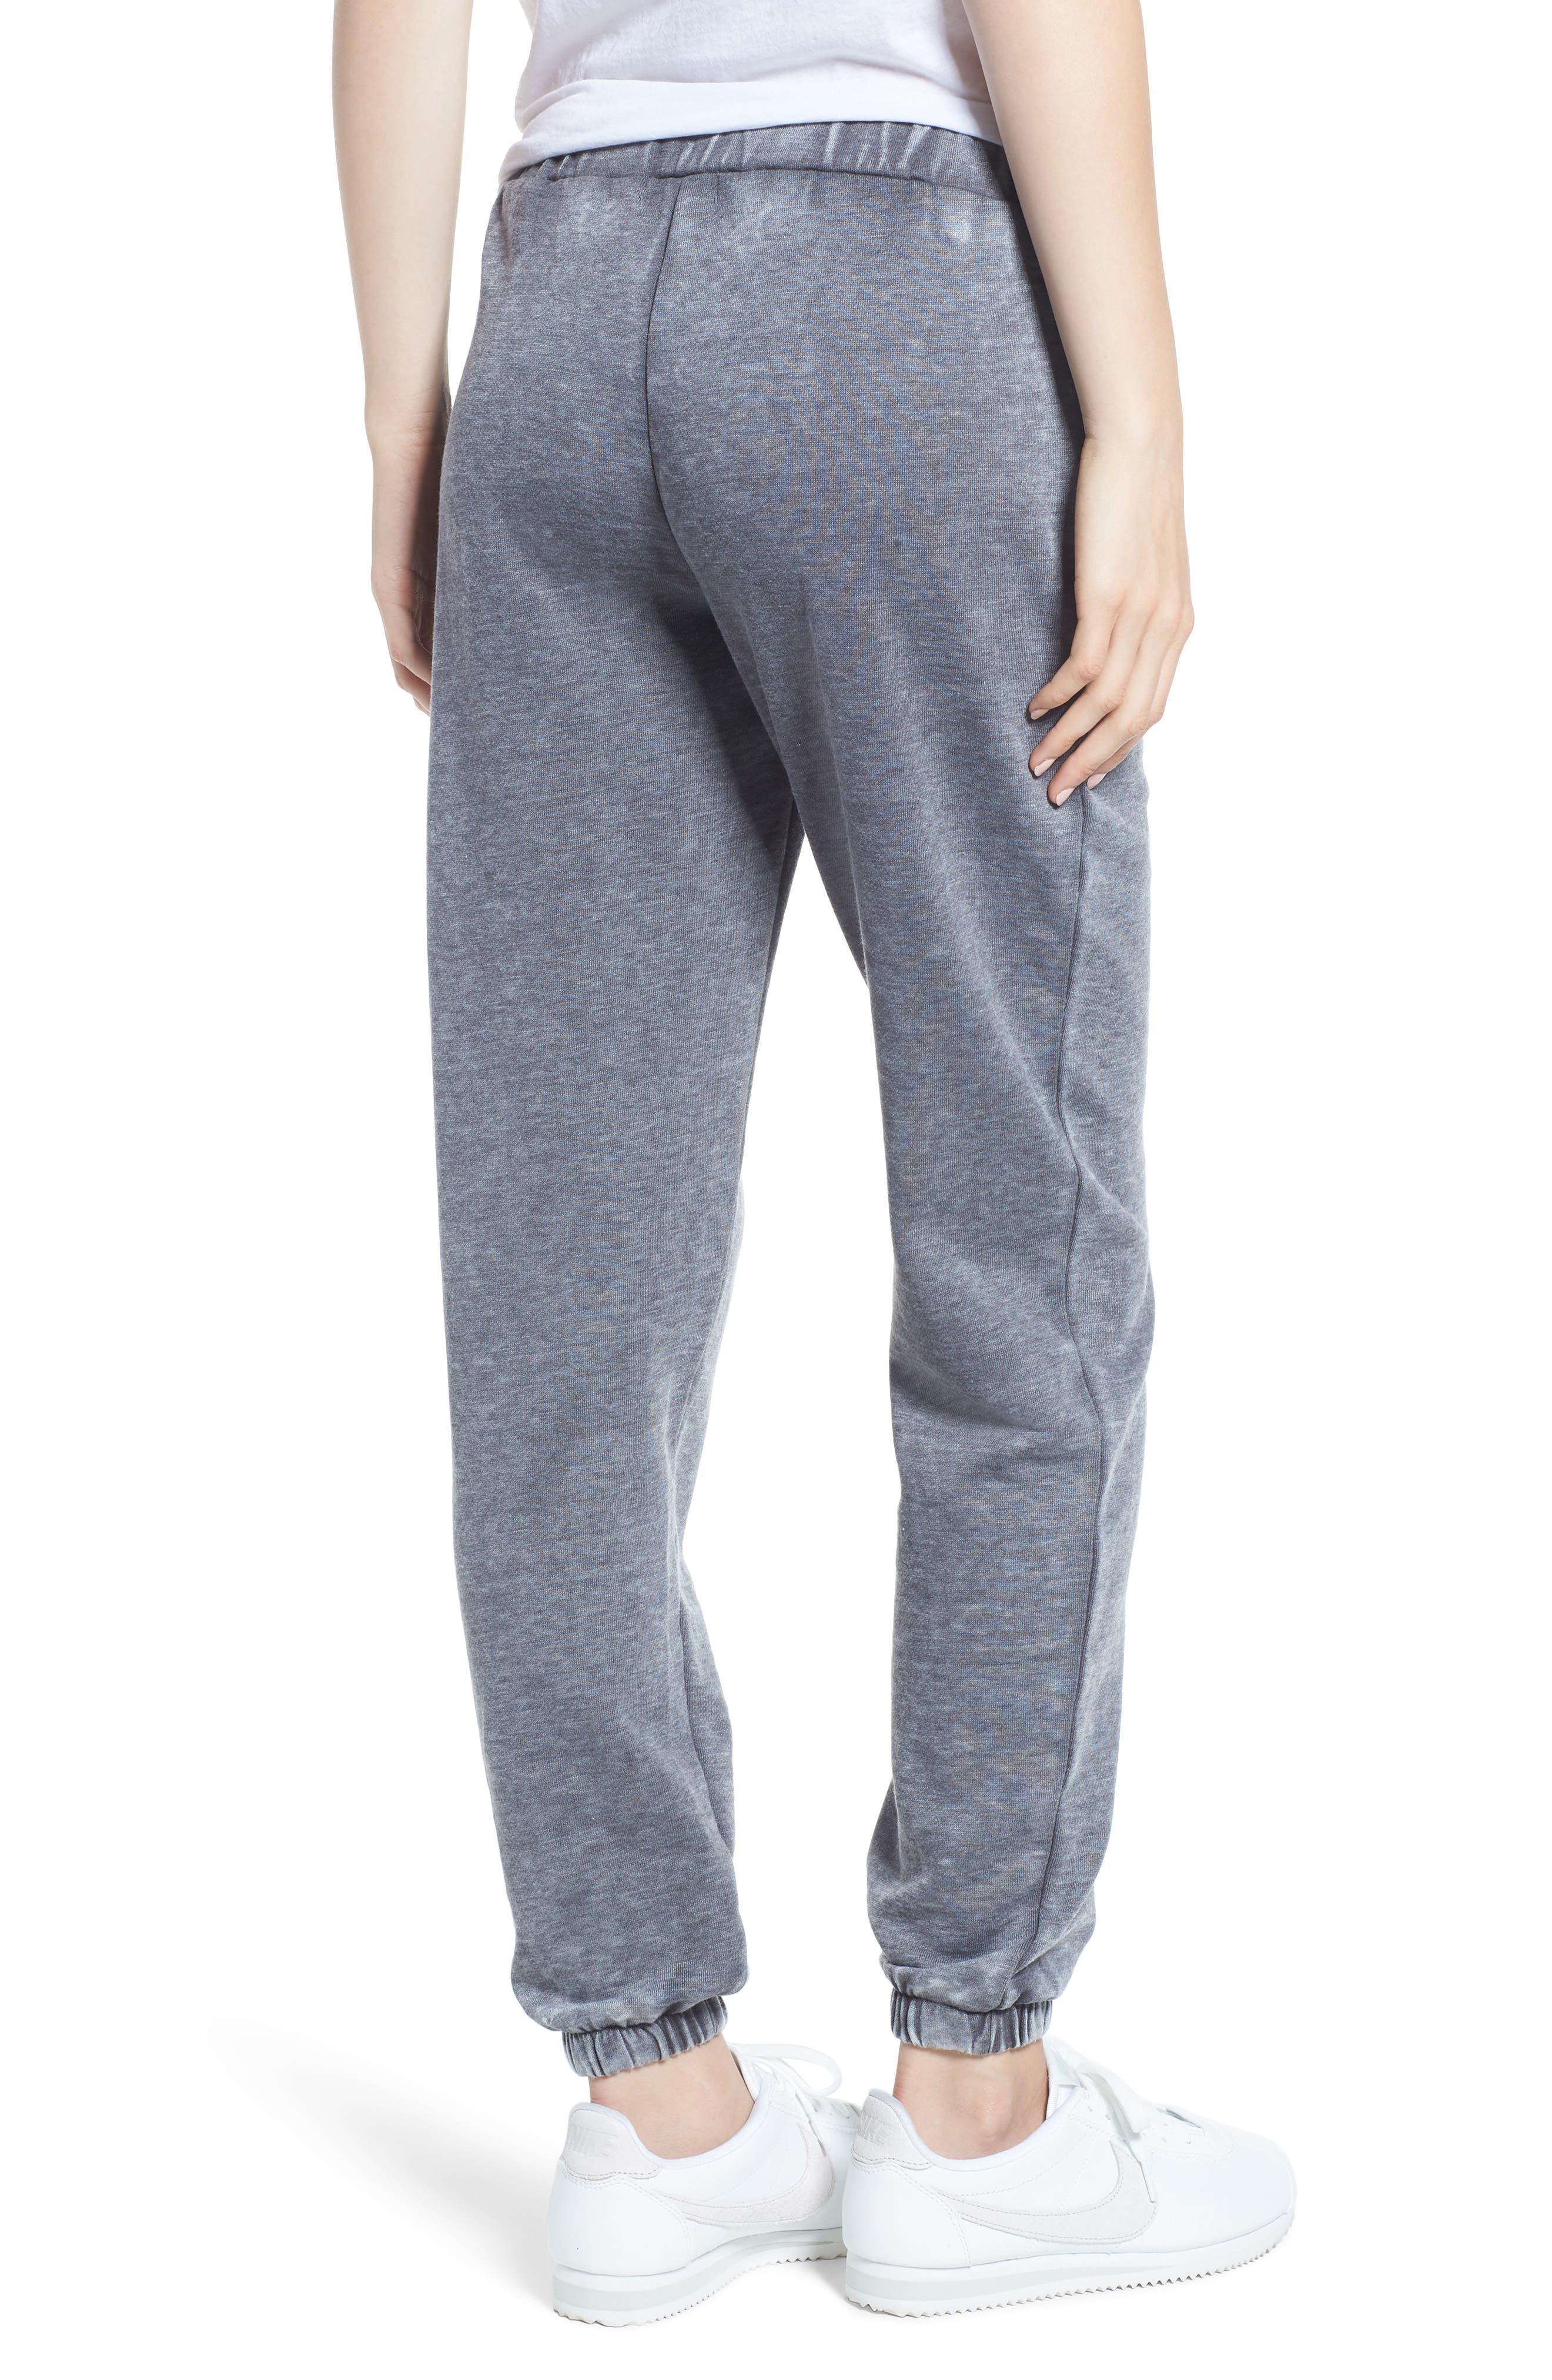 Riya Fashion Fleece Sweatpants,                             Alternate thumbnail 2, color,                             020